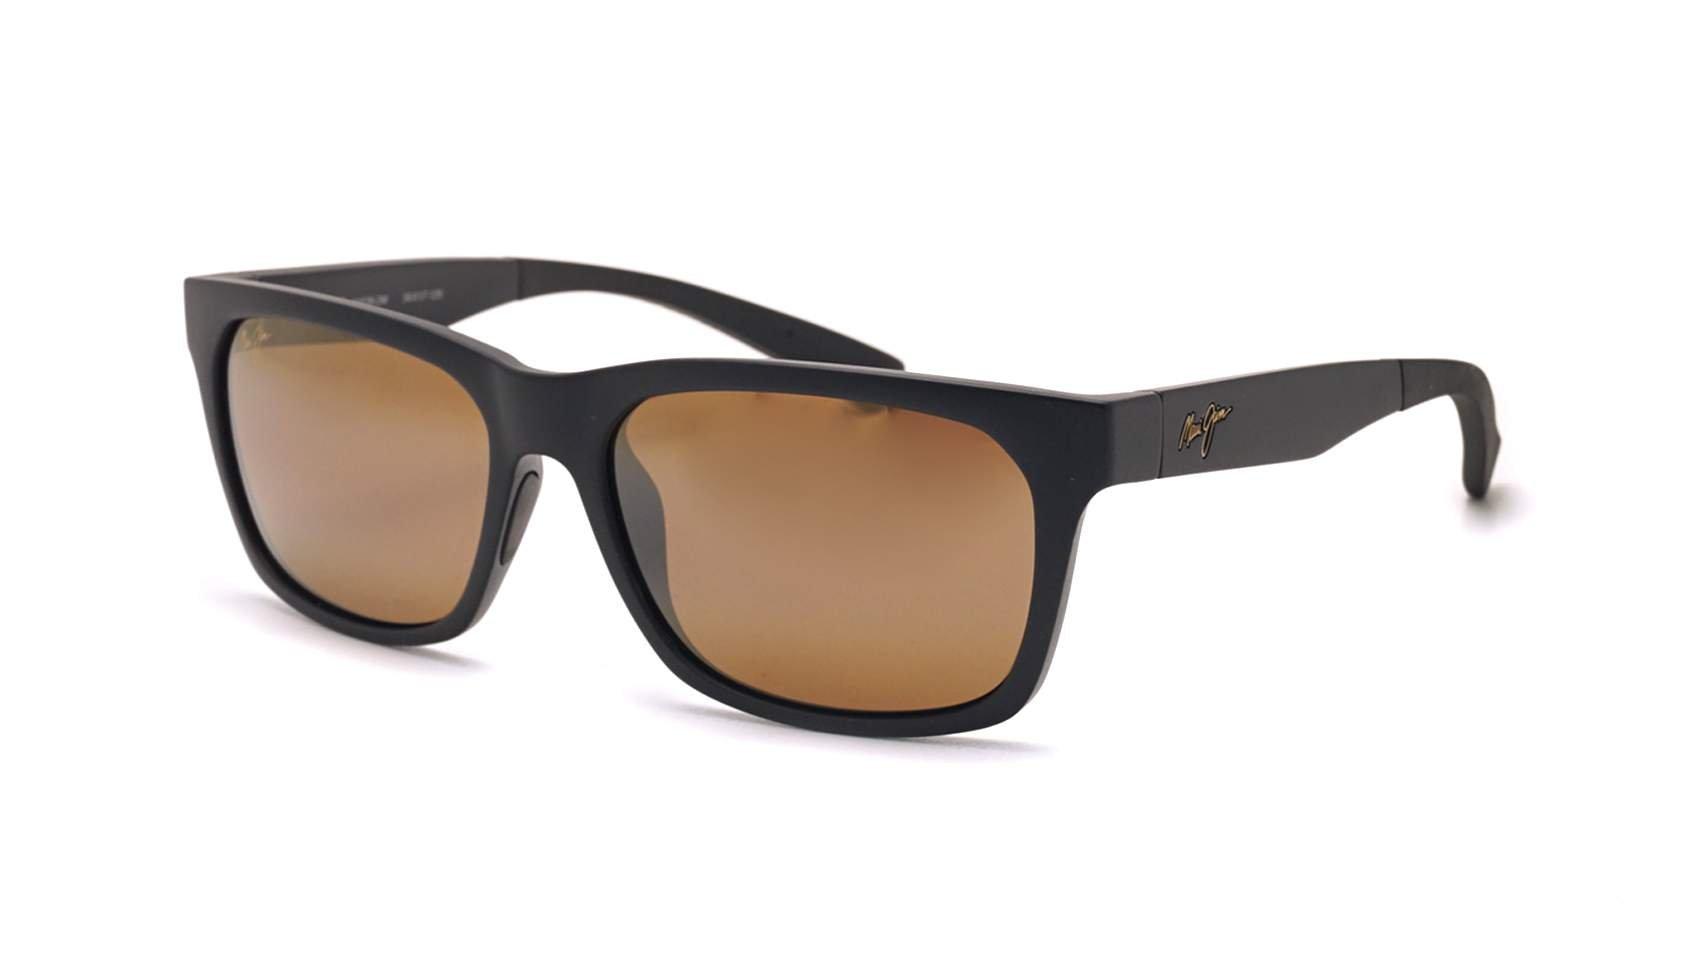 Maui Jim boardwalk sunglasses